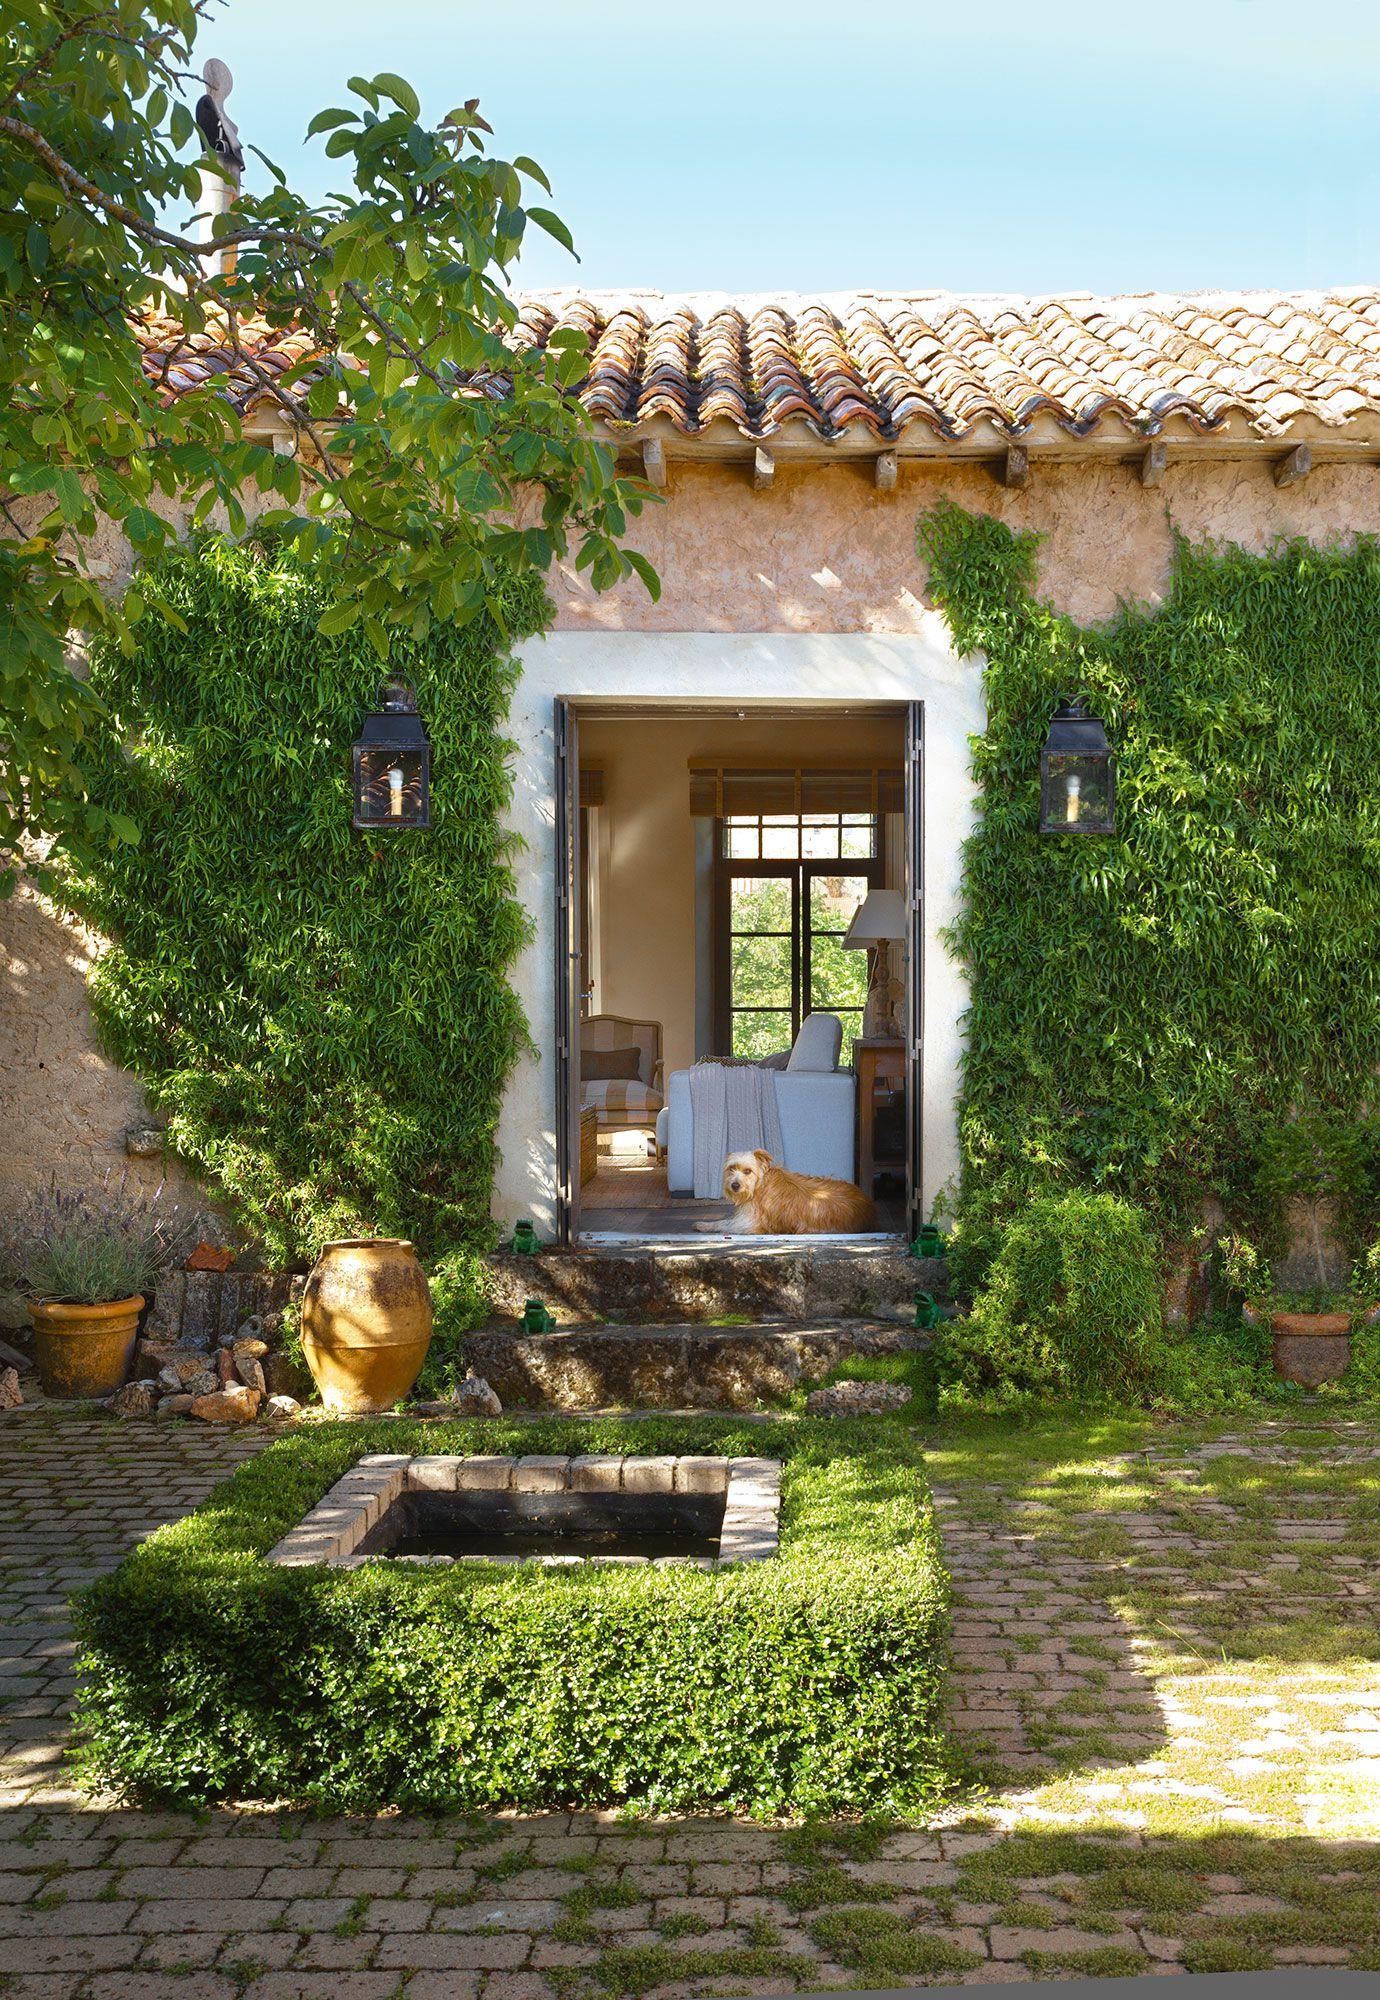 Tradicional jardines casas casas rurales y casas r sticas for Decoracion de casas brasilenas